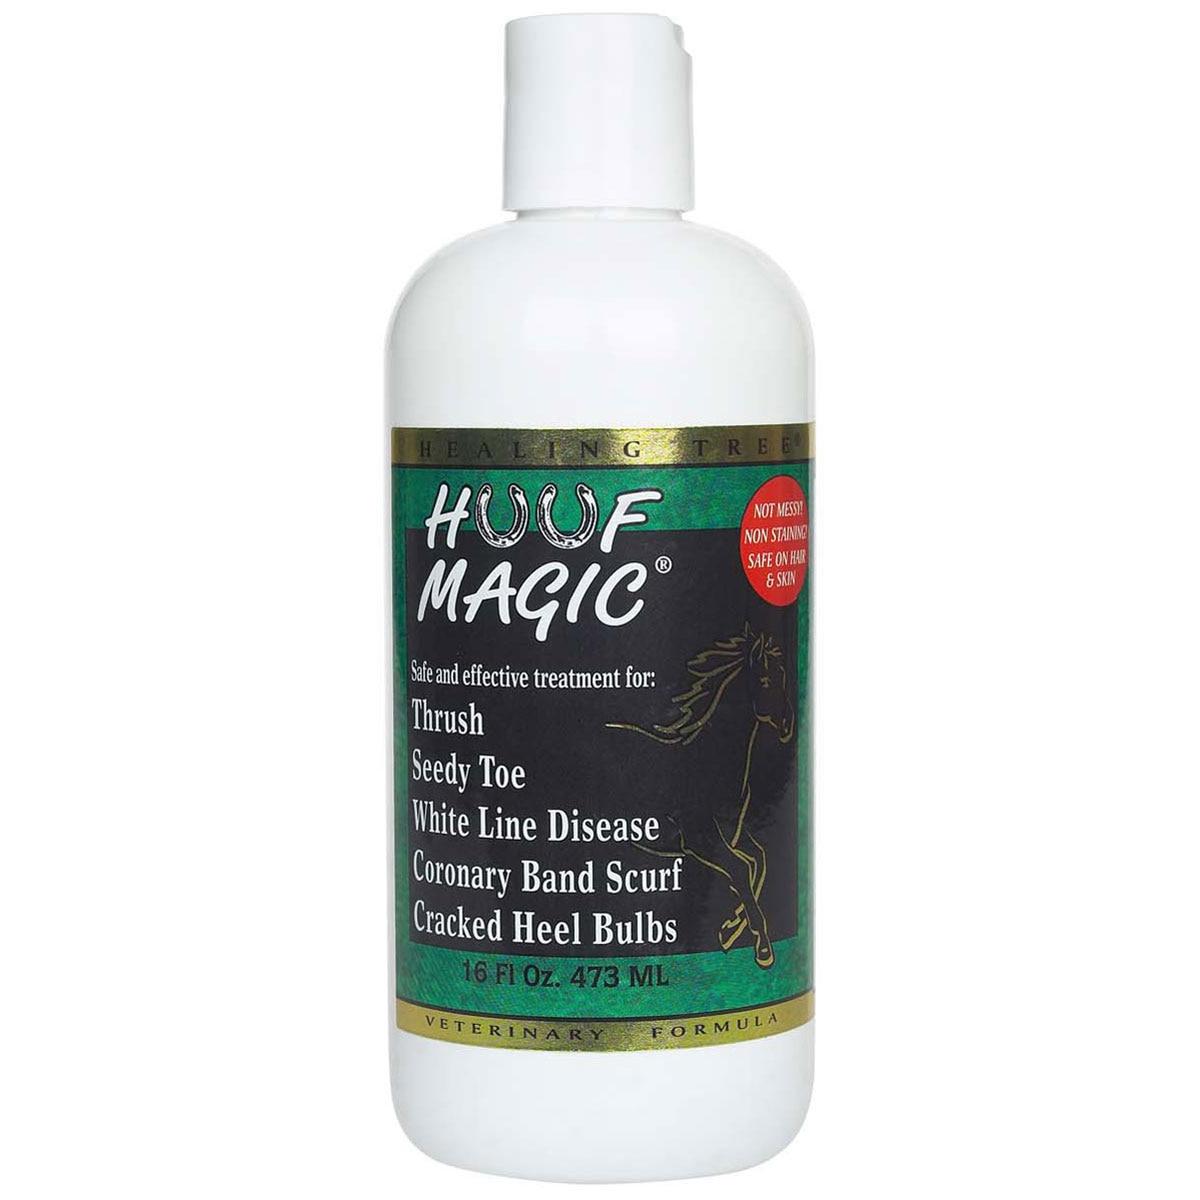 Healing Tree Huuf Magic Thrush Treatment